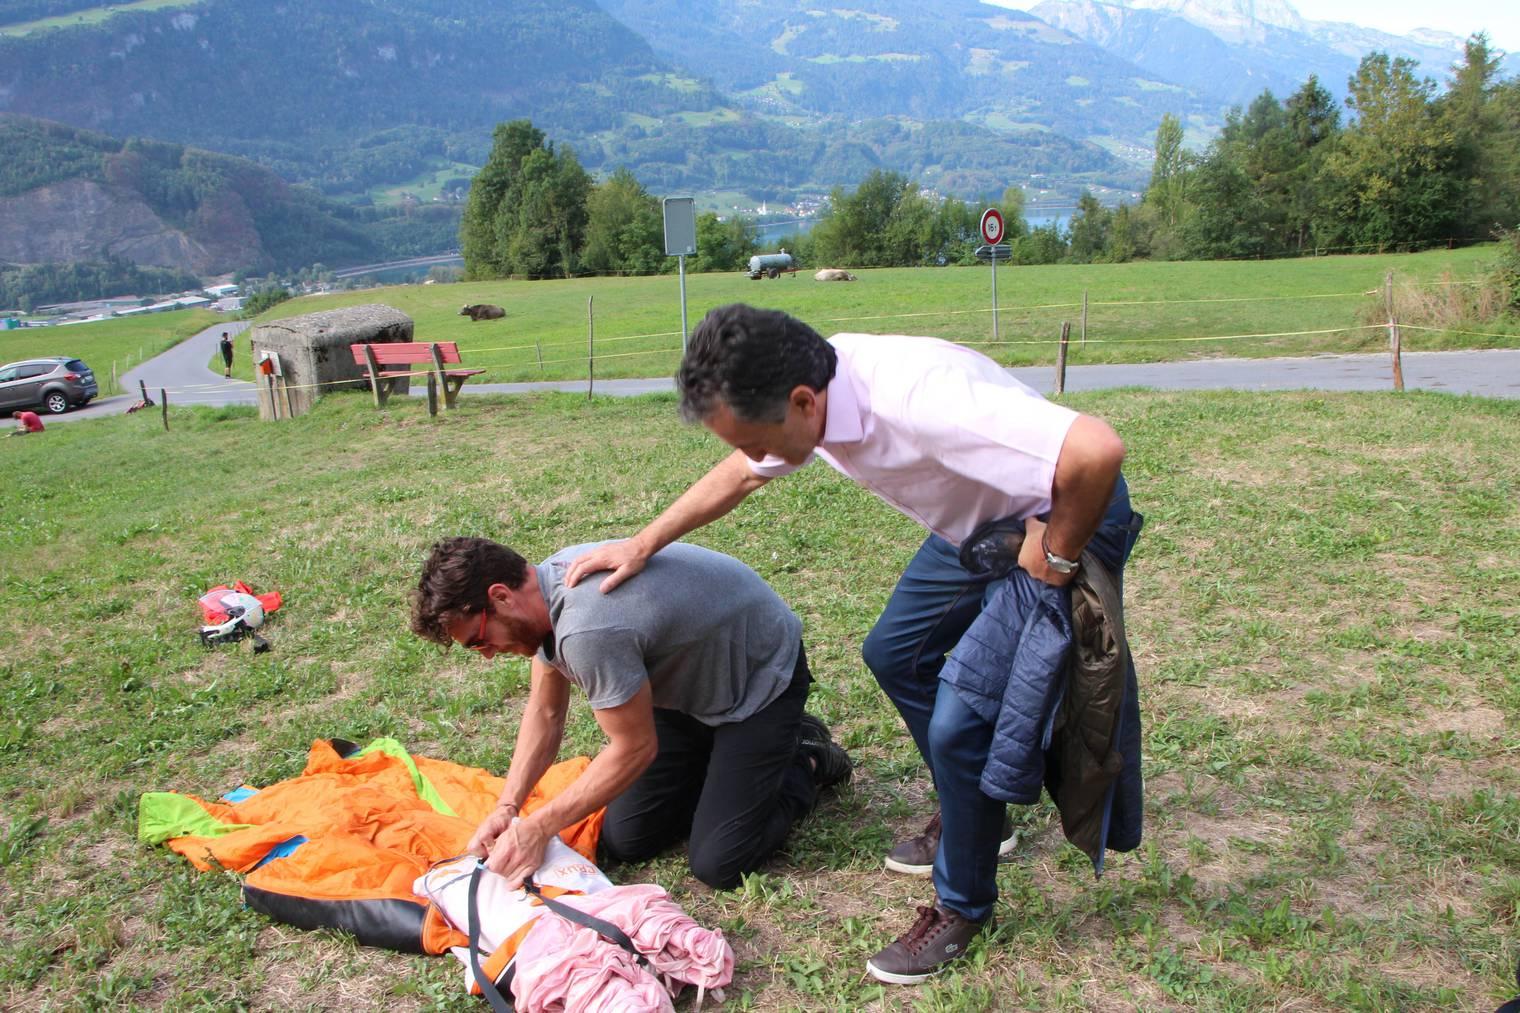 Angelo Umberg schaut den Piloten gerne zu. Eine Ausrüstung kostet rund 5000 Franken. (Bild: Fm1Today/Lara Abderhalden)